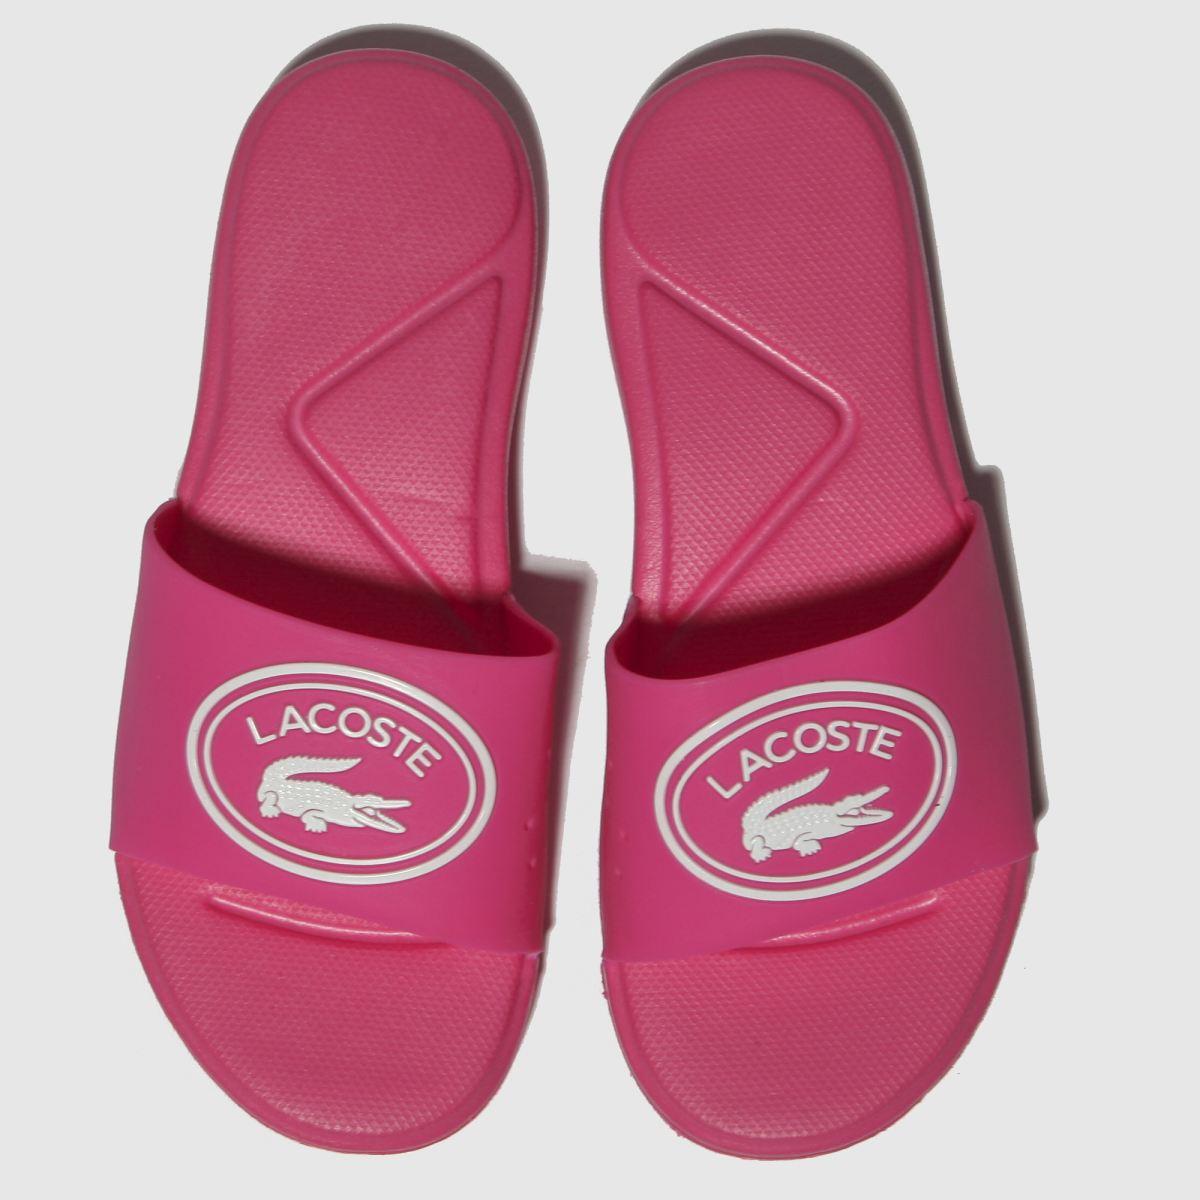 Lacoste Pink L.30 Slide Sandals Junior